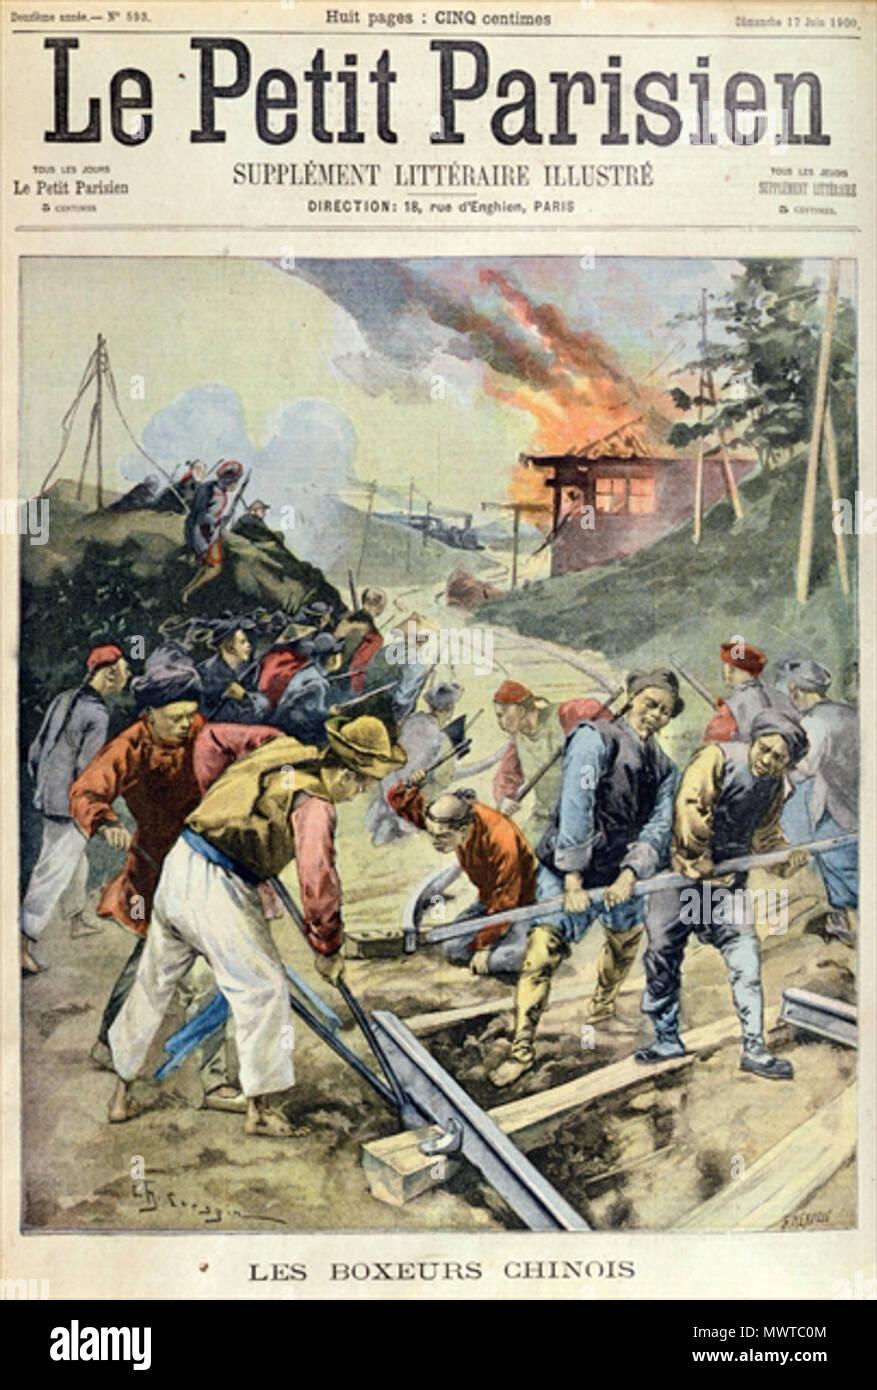 """. 中文(繁體): 中國拳民破壞鐵路,發生在義和團之亂期間。出自法國報紙""""Le Petit Parisien""""。 中文(简体): 中国拳民破坏铁路,发生在义和团之乱期间。出自法国报纸""""Le Petit Parisien"""" English: A newspaper from 'Le Petit Parisien'. The Chinese Boxers destroys a railroad during the Boxer Rebellion. 17 June 1900. Fortune Louis Meaulle (1844-1901), 'Le Petit Parisien' 594 The Chinese Boxers, Le Petit Parisien - Stock Image"""